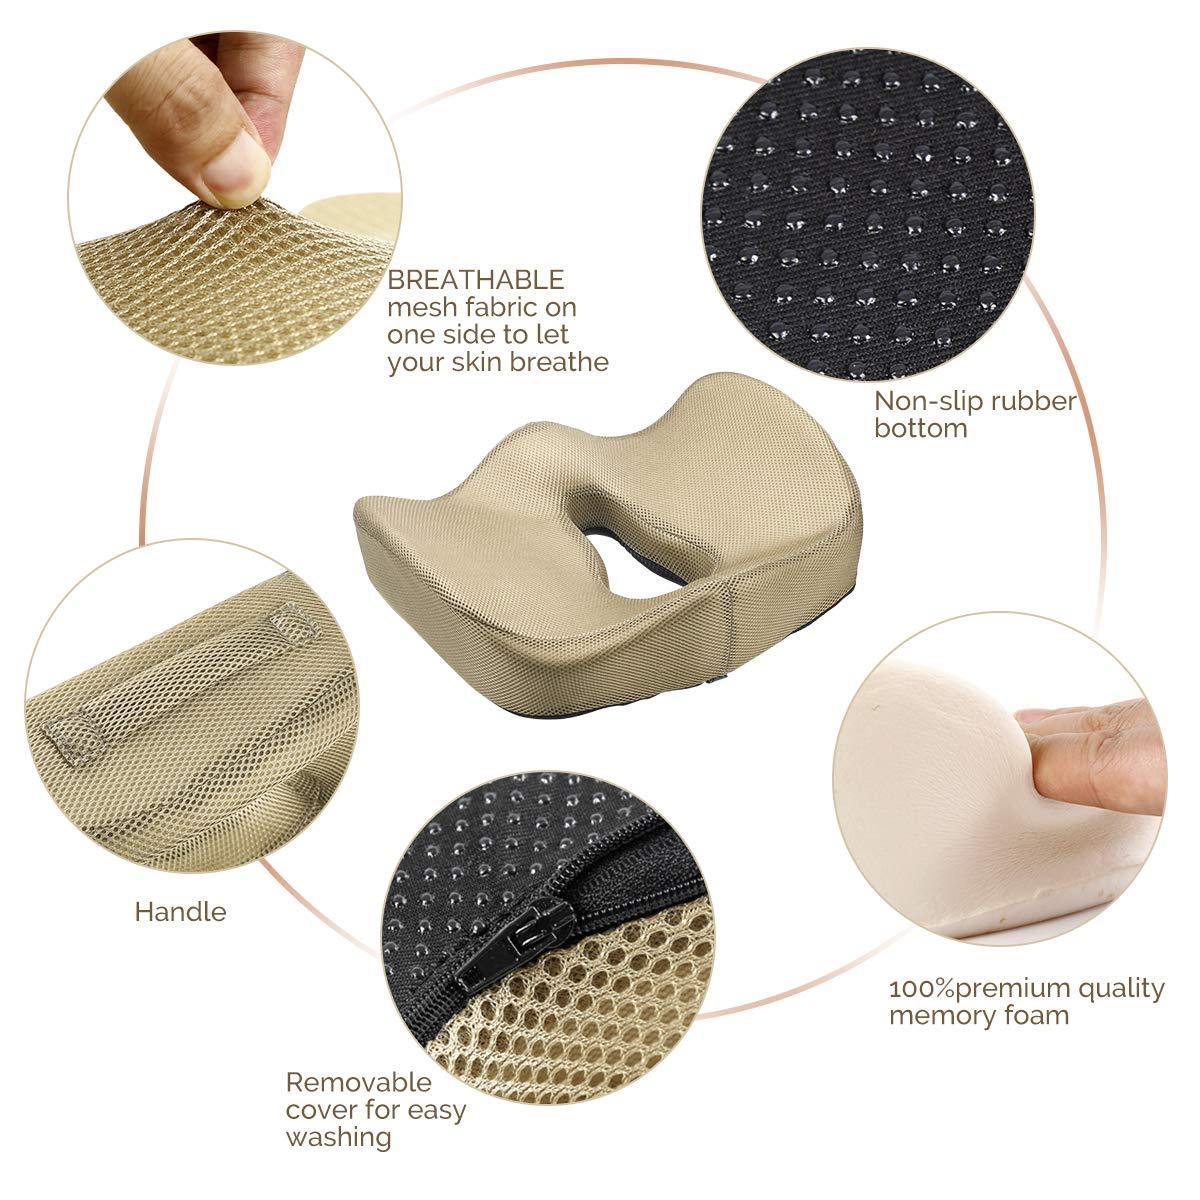 Seduta Dolore al Nervo sciatico Argento Sedia da scrivania Postura Parte Inferiore della Schiena NEOtech Care Cuscino per Seduta Sollievo a Pressione 100/% Memory Foam ergonomico